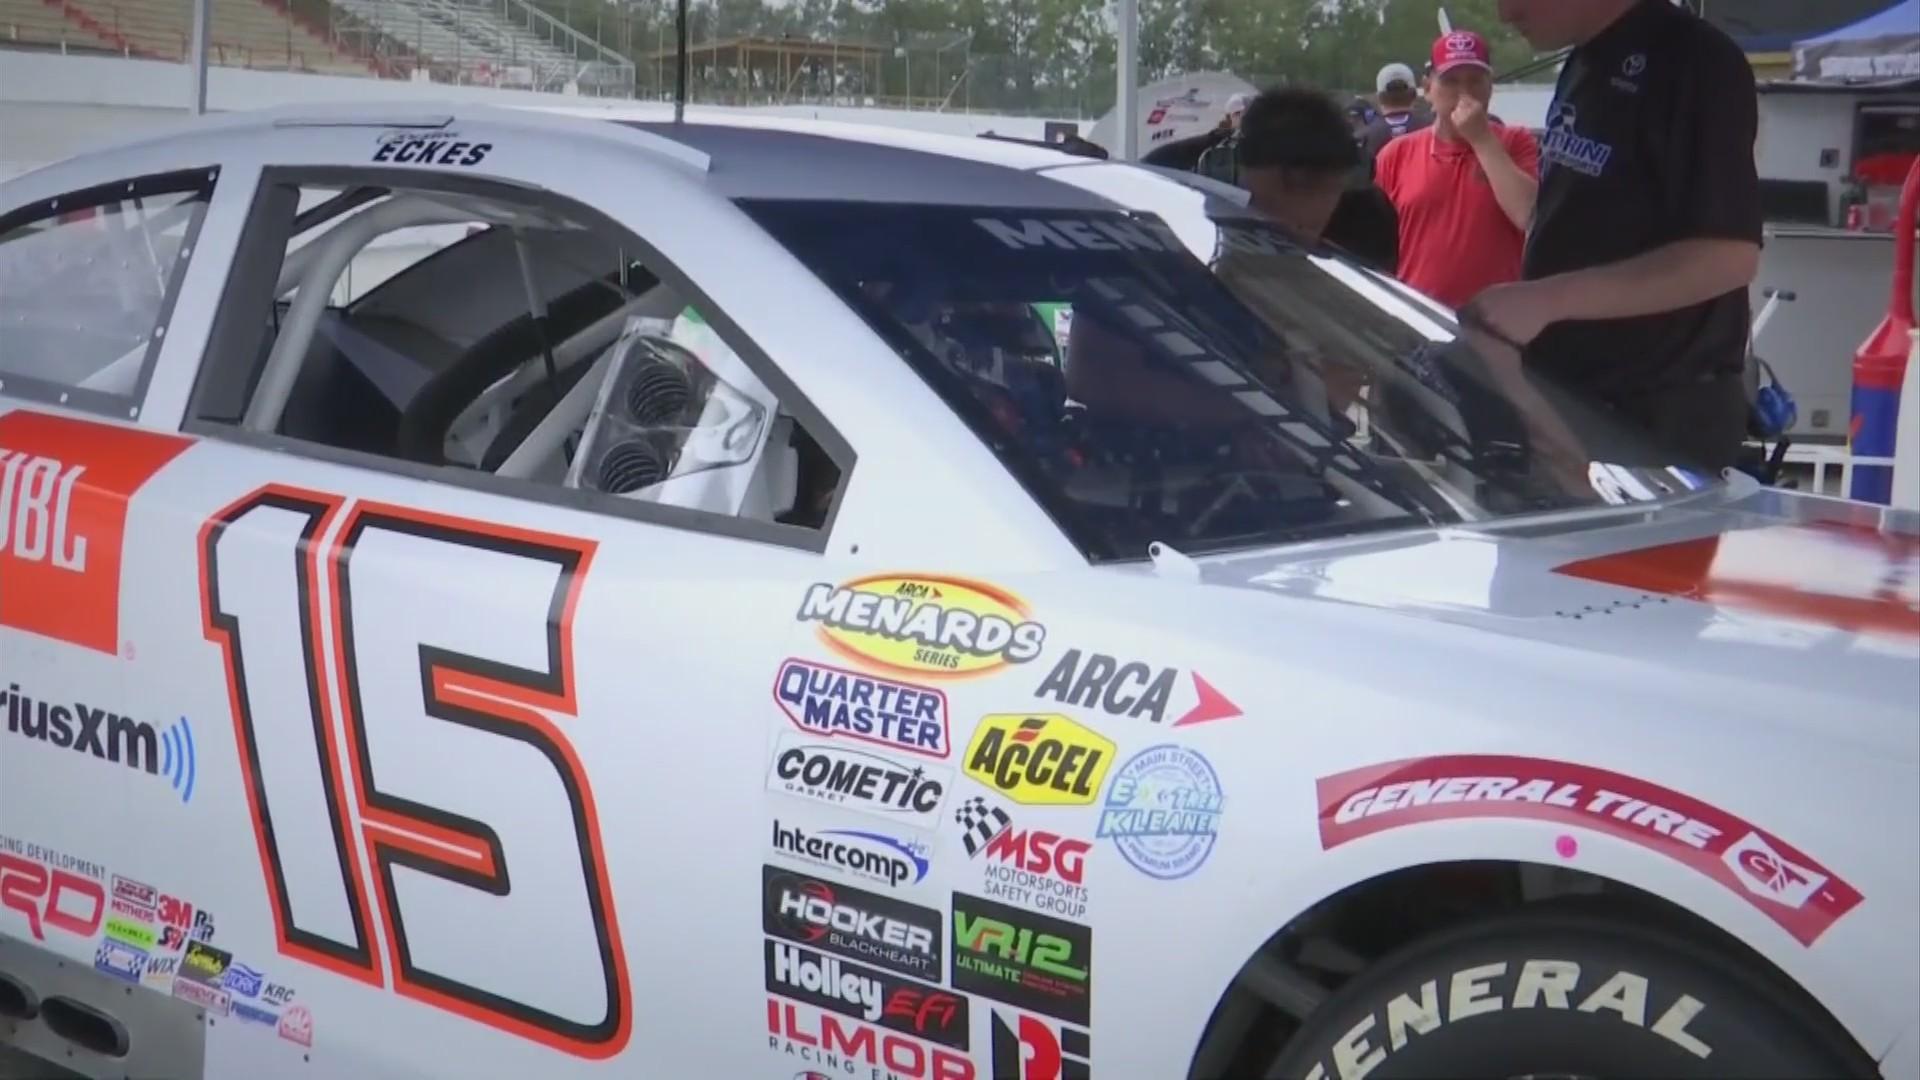 Arca Racing Coming to Pensacola